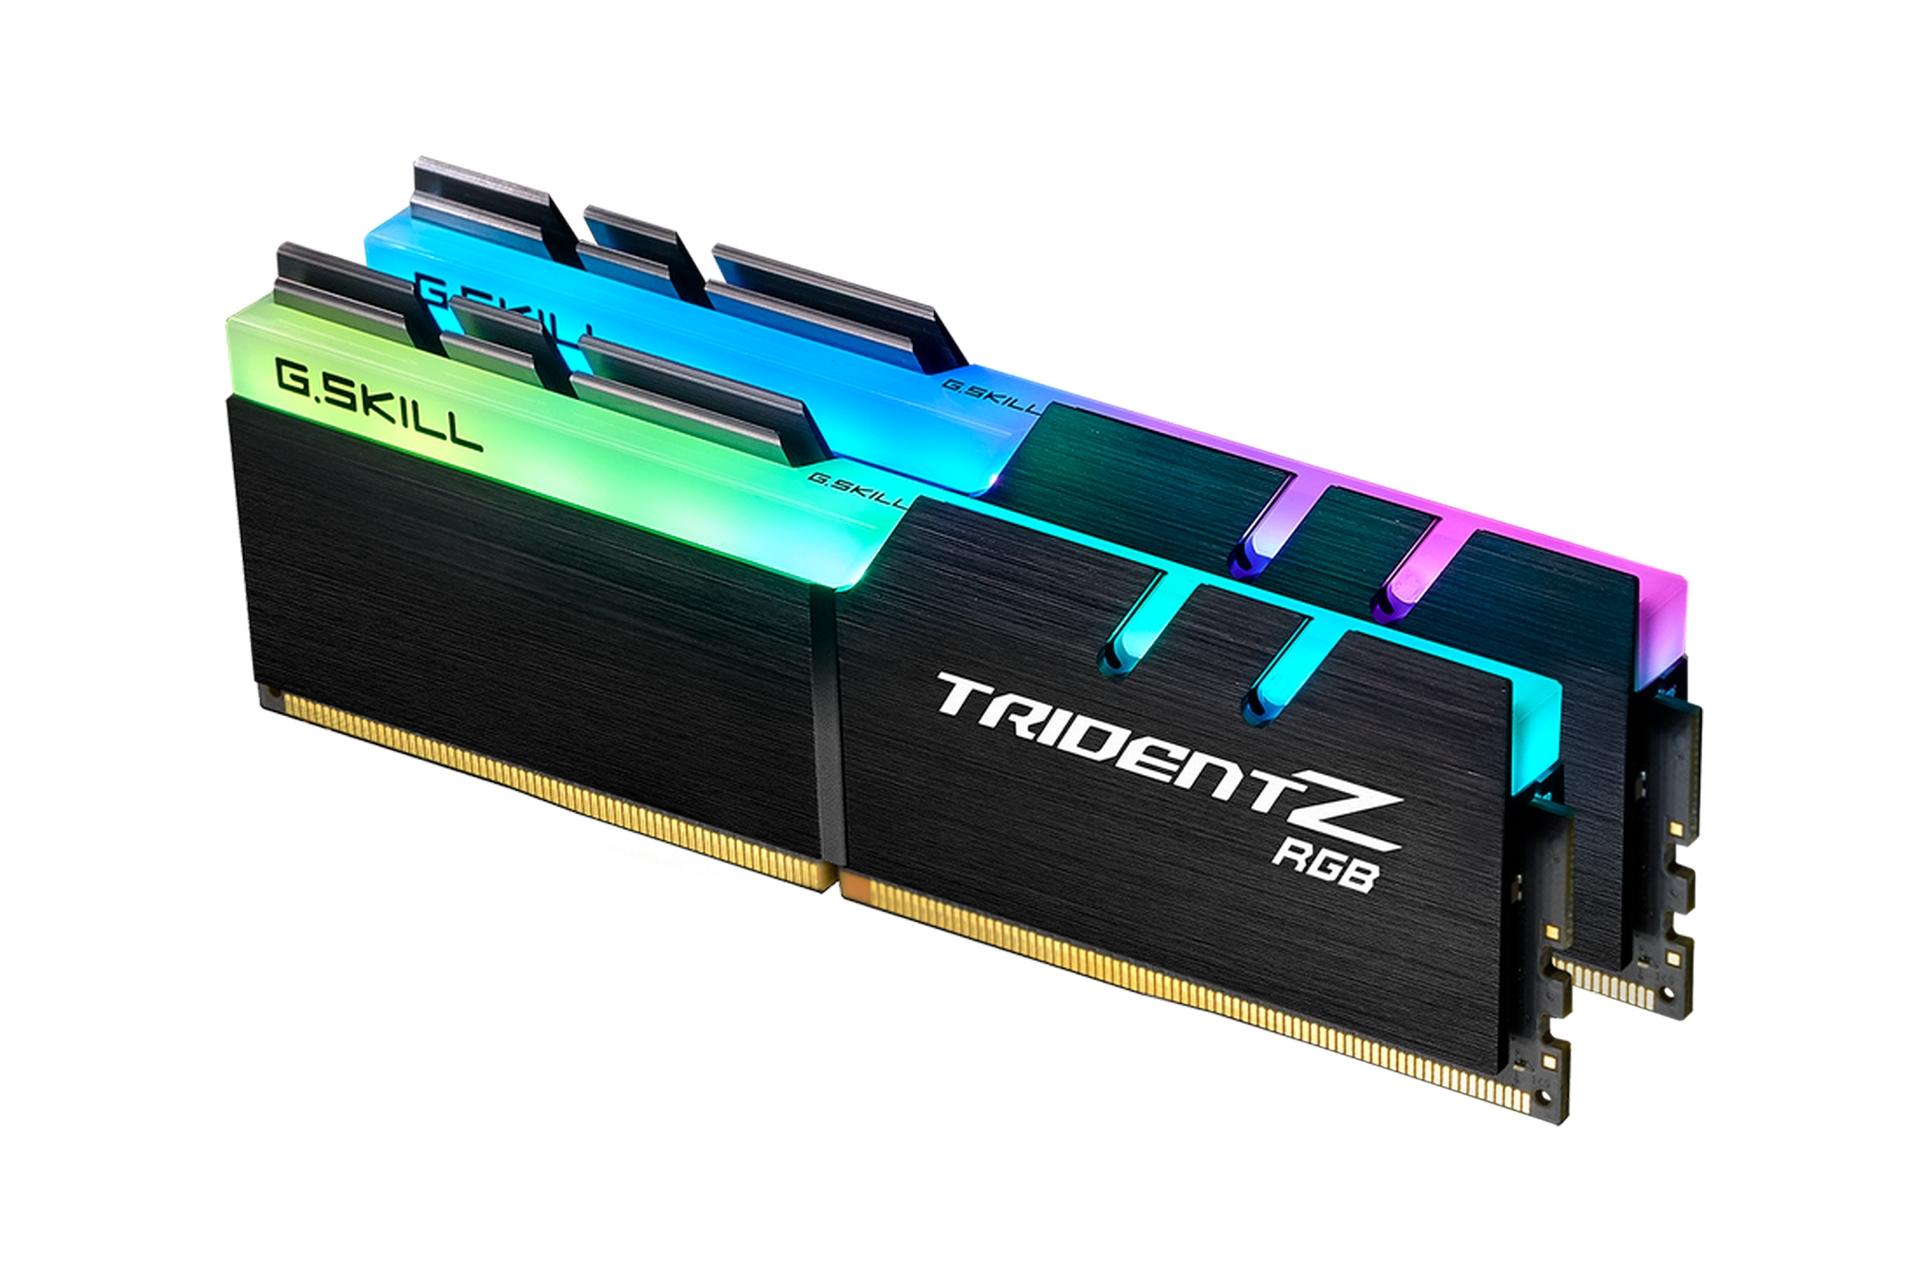 TRIDENT Z RGB 32GB chứa các vi mạch được sàng lọc đặc biệt